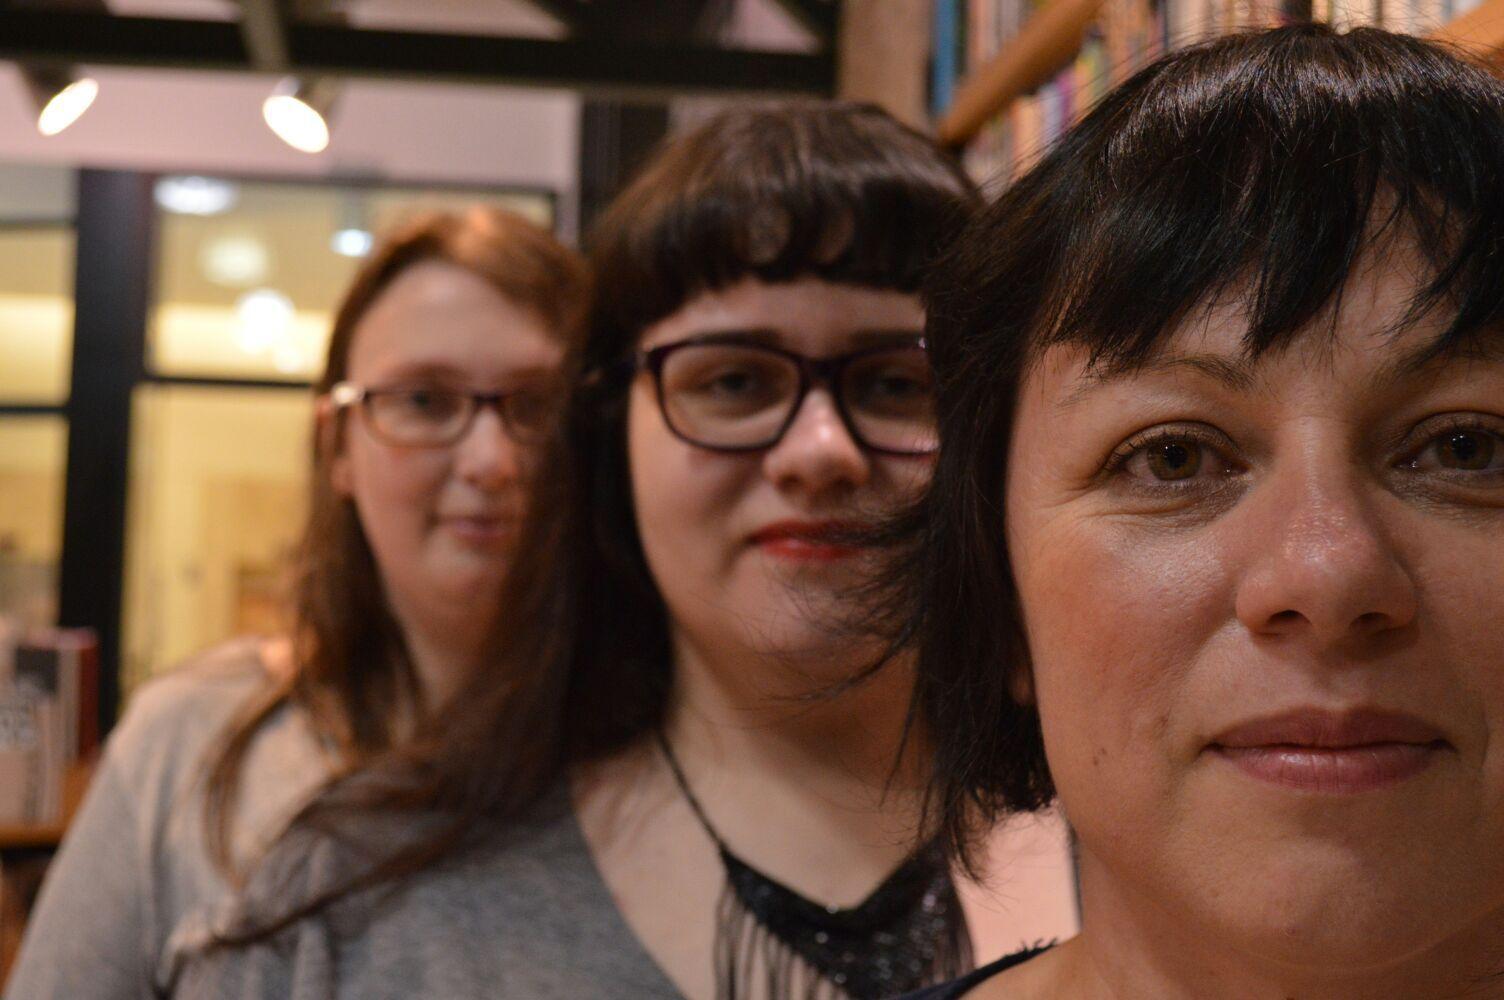 Criadoras do clube de leitura de escritoras (esq-dir): Juliana Leuenroth, Michelle Henriques e Juliana Gomes (Foto: Reprodução)